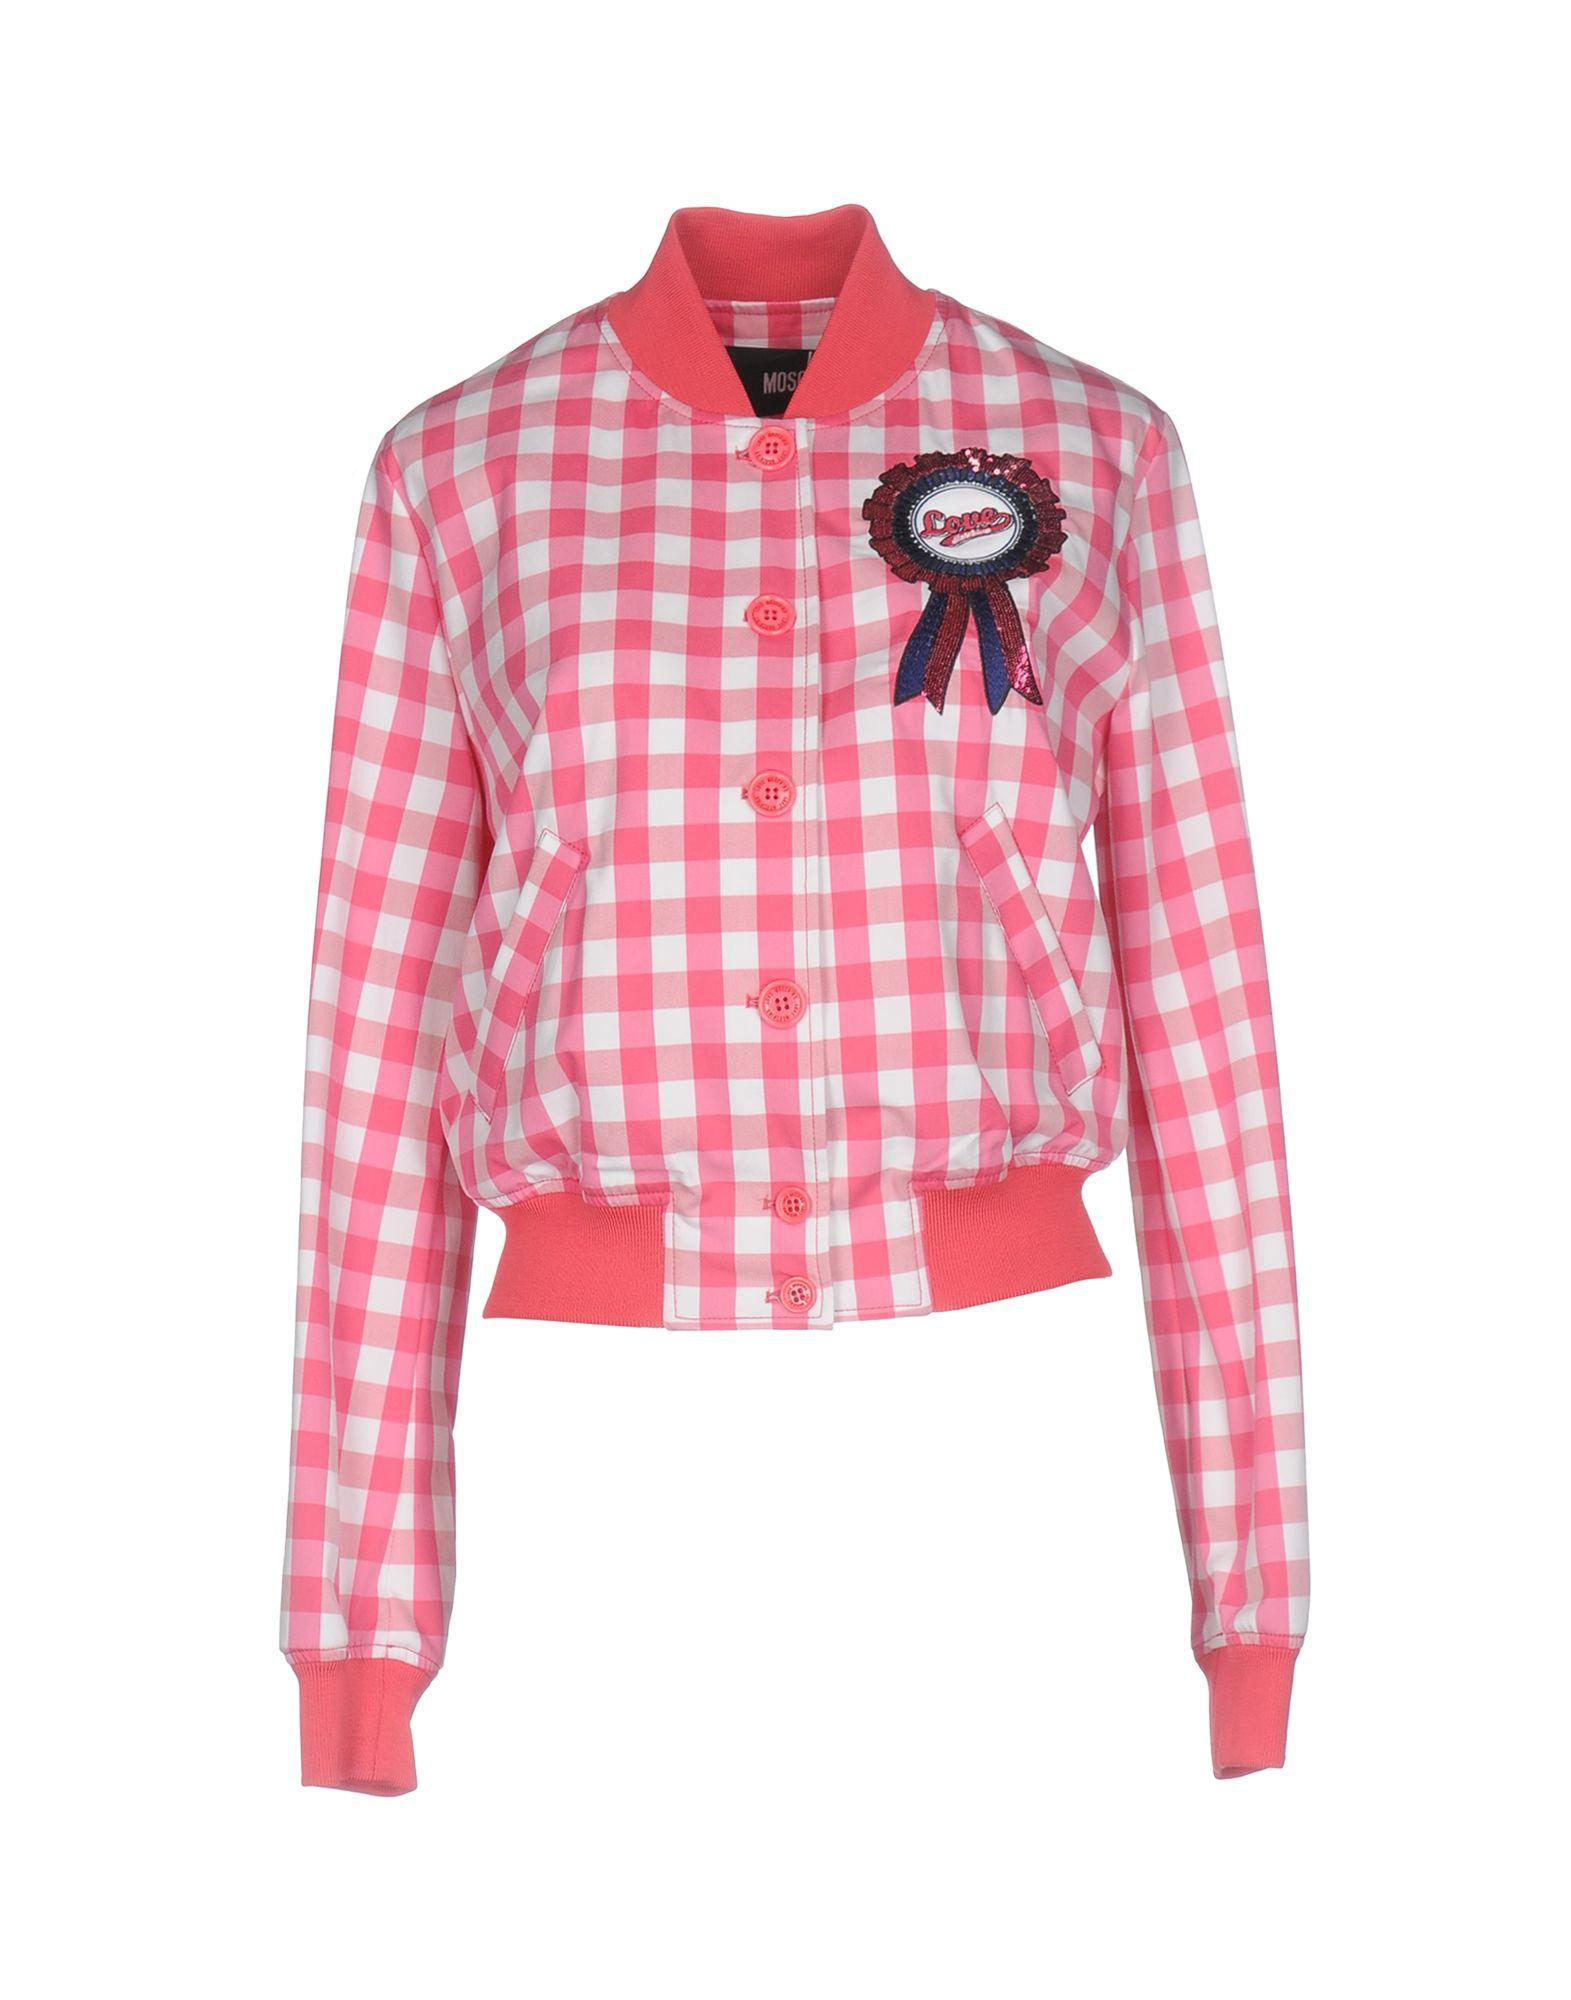 цены на LOVE MOSCHINO Куртка в интернет-магазинах